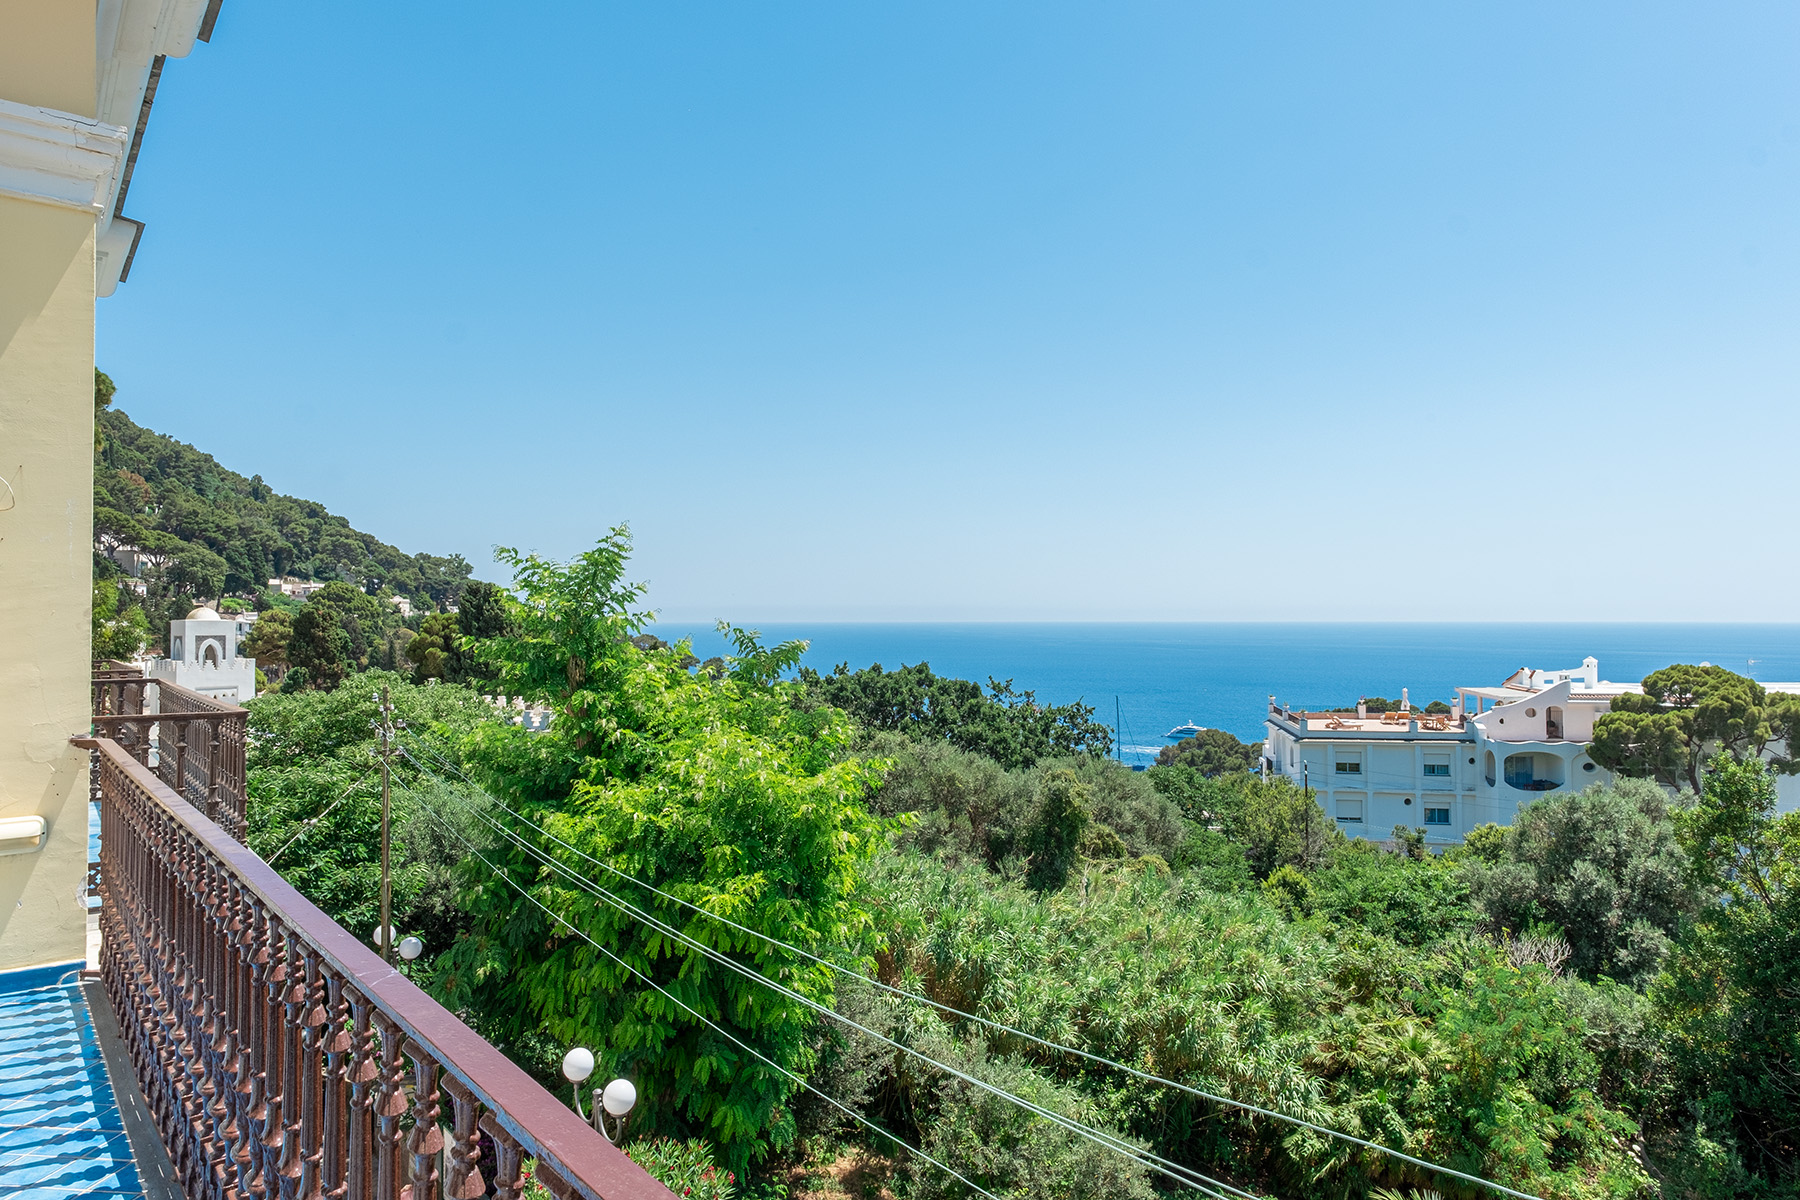 Attico in Vendita a Capri: 5 locali, 160 mq - Foto 20